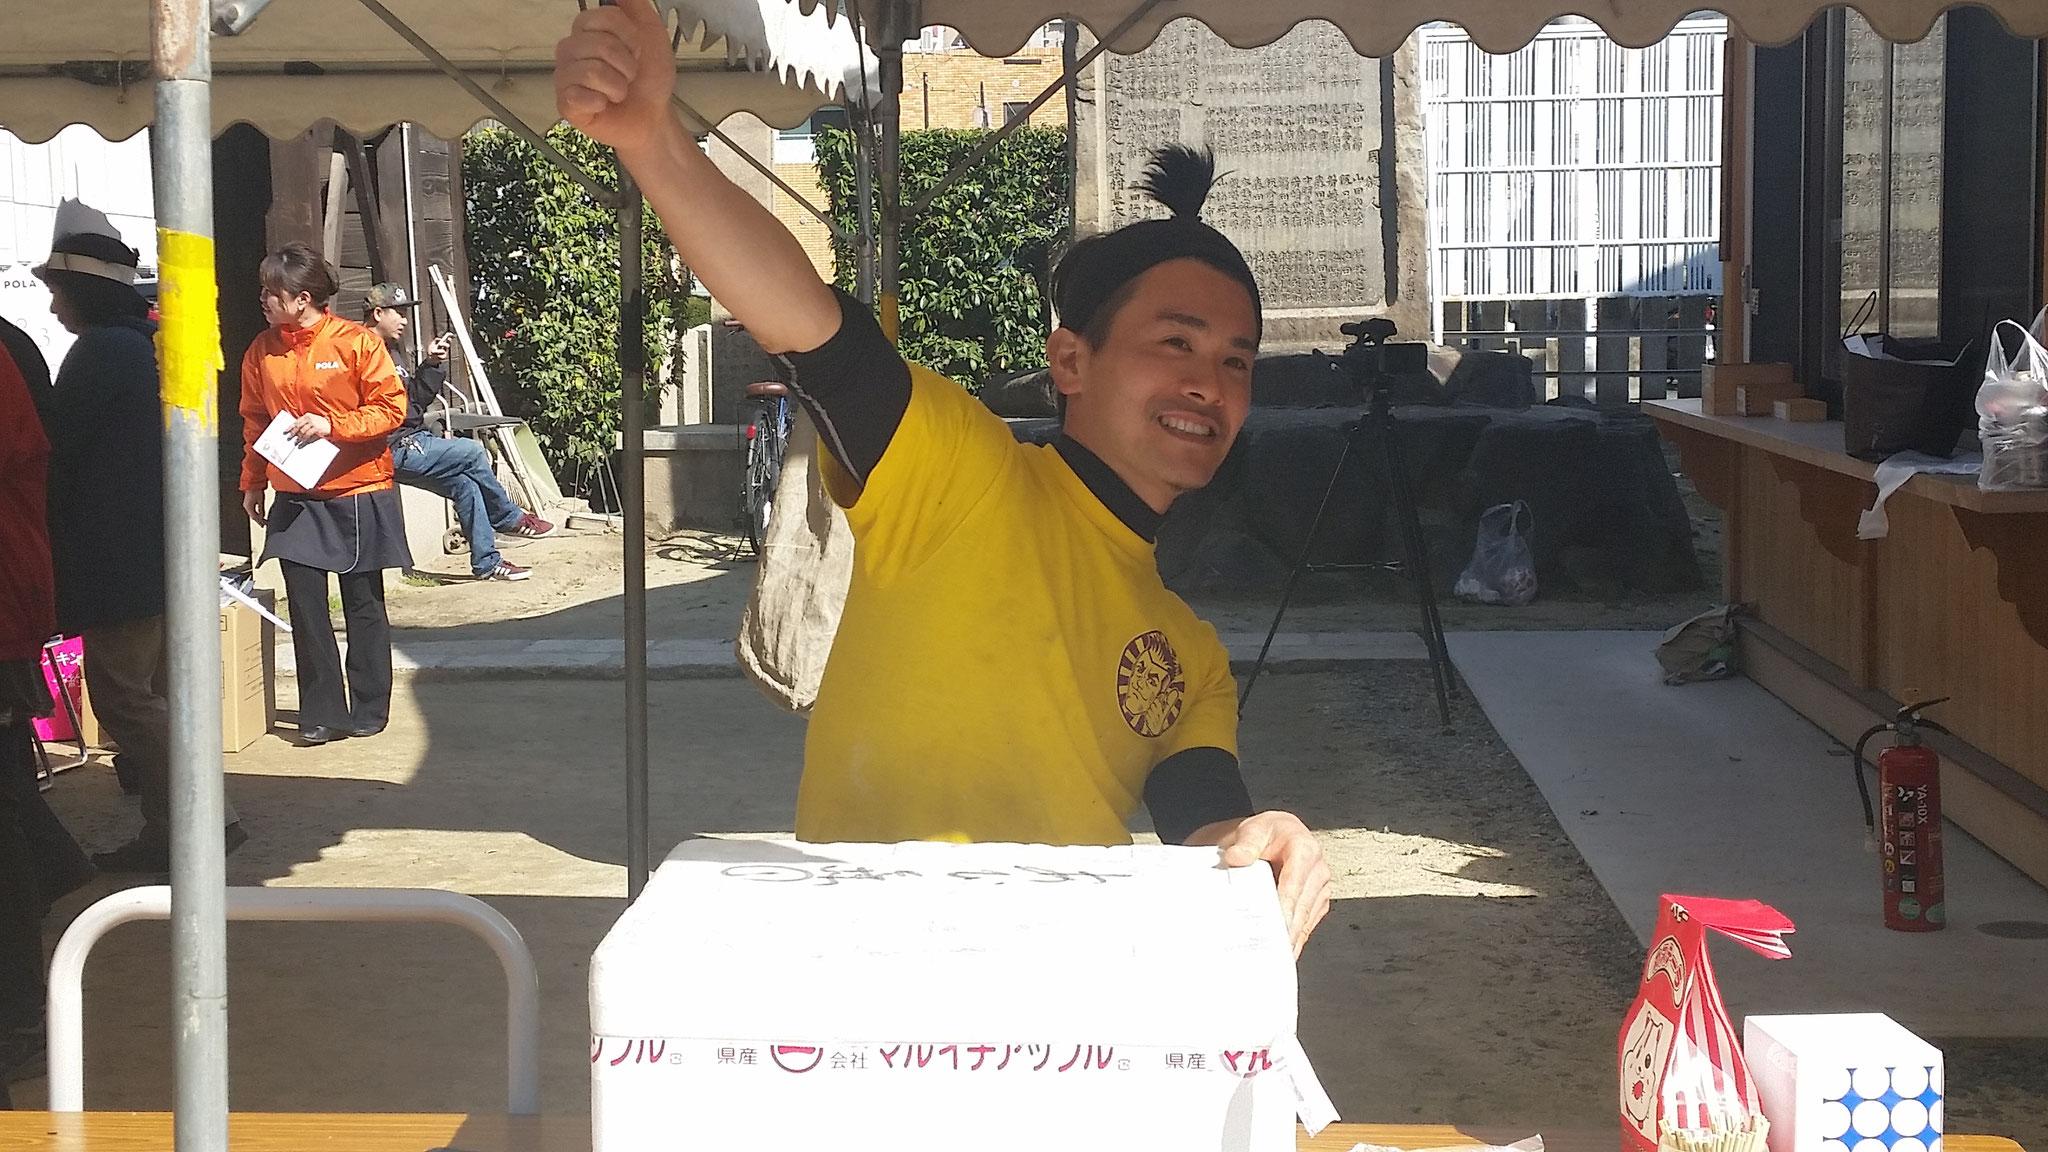 ヨシナリのカリッ揚げも神社で出店